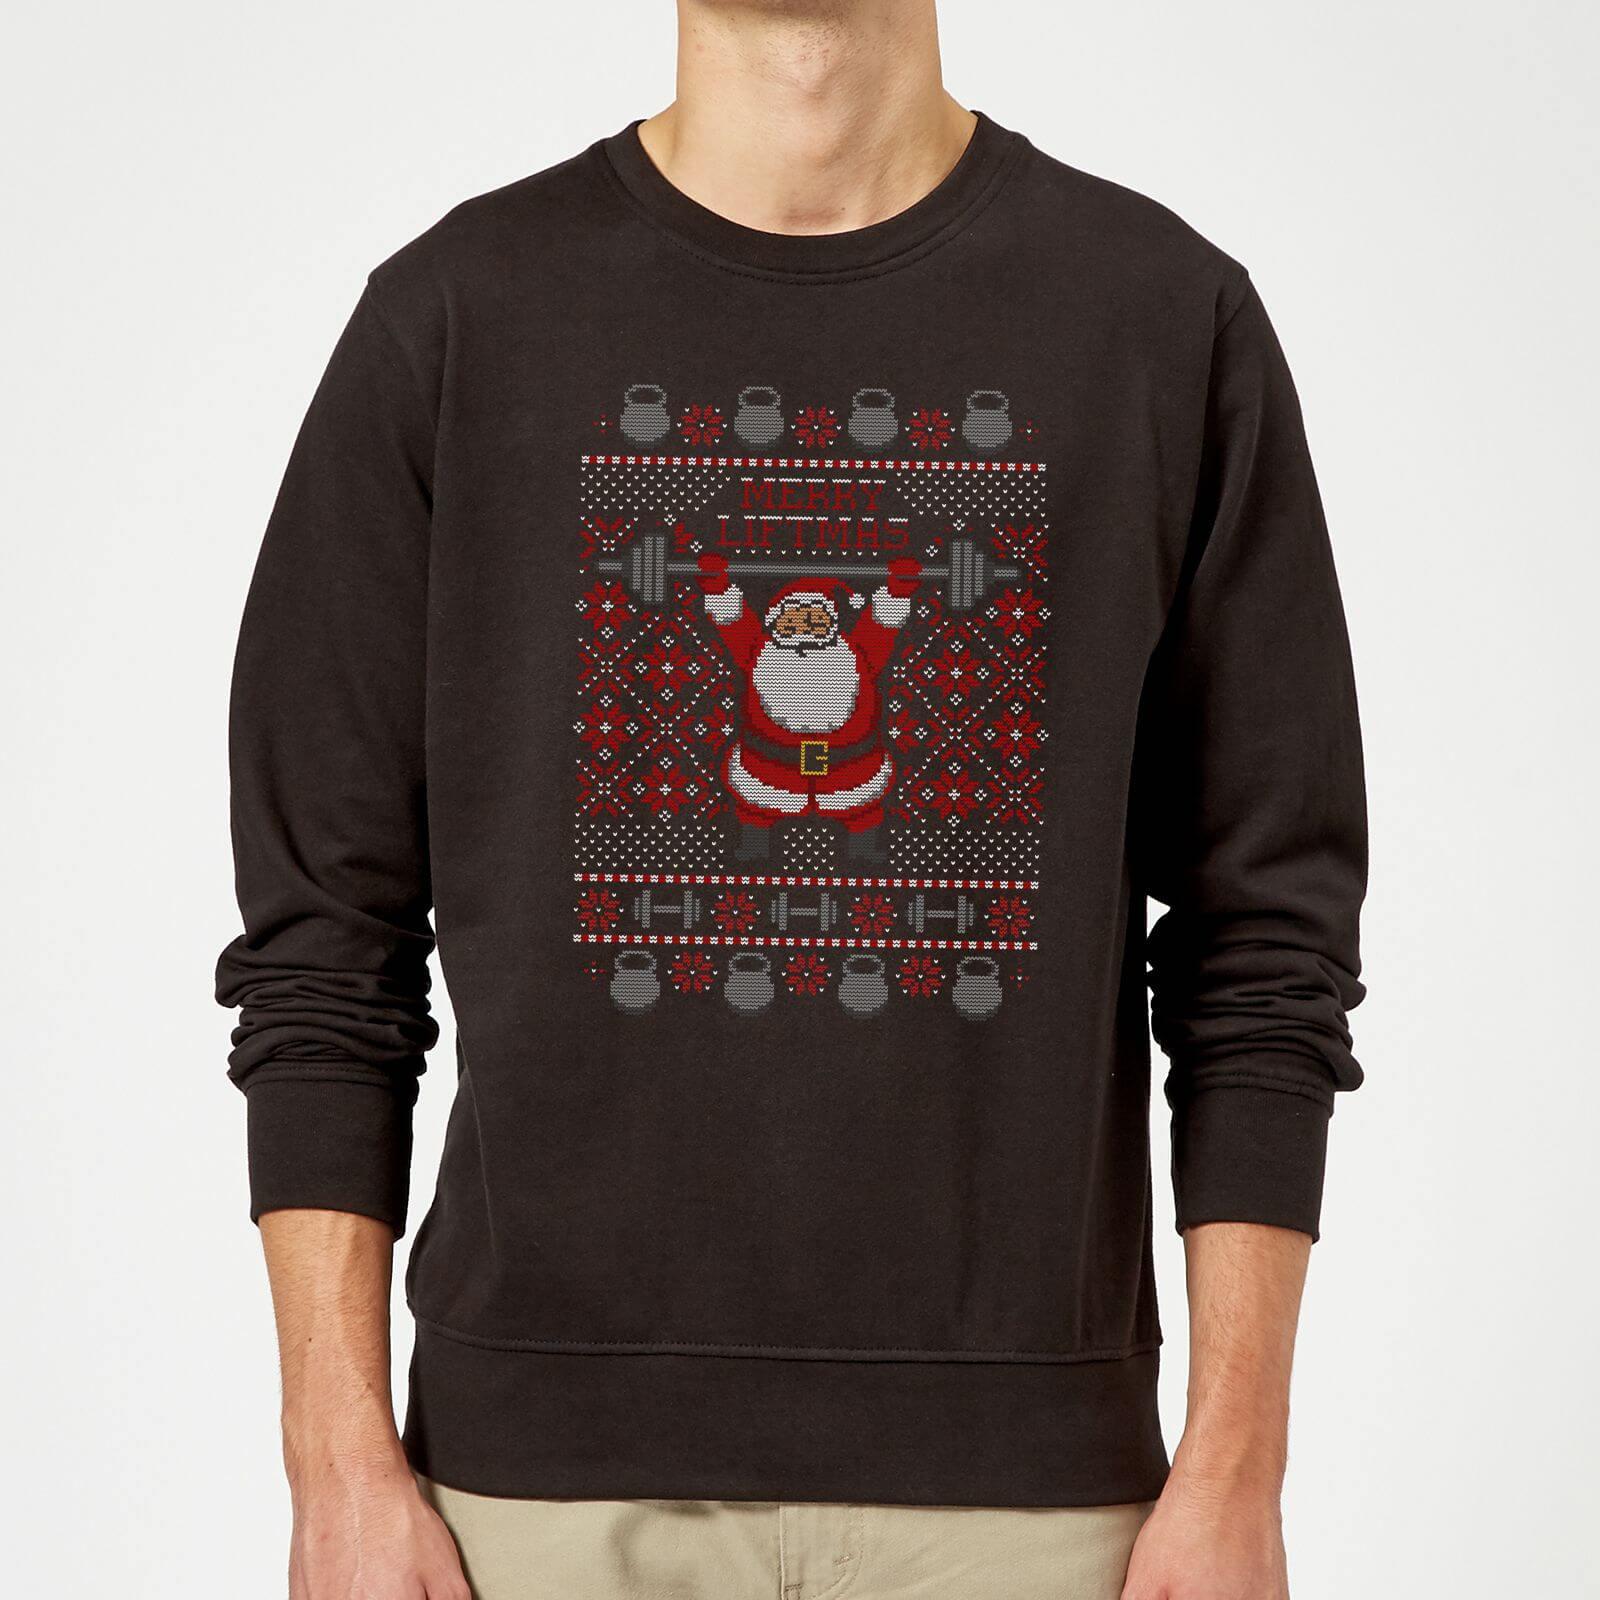 77f21481707 Merry Liftmas Sweatshirt - Black Clothing